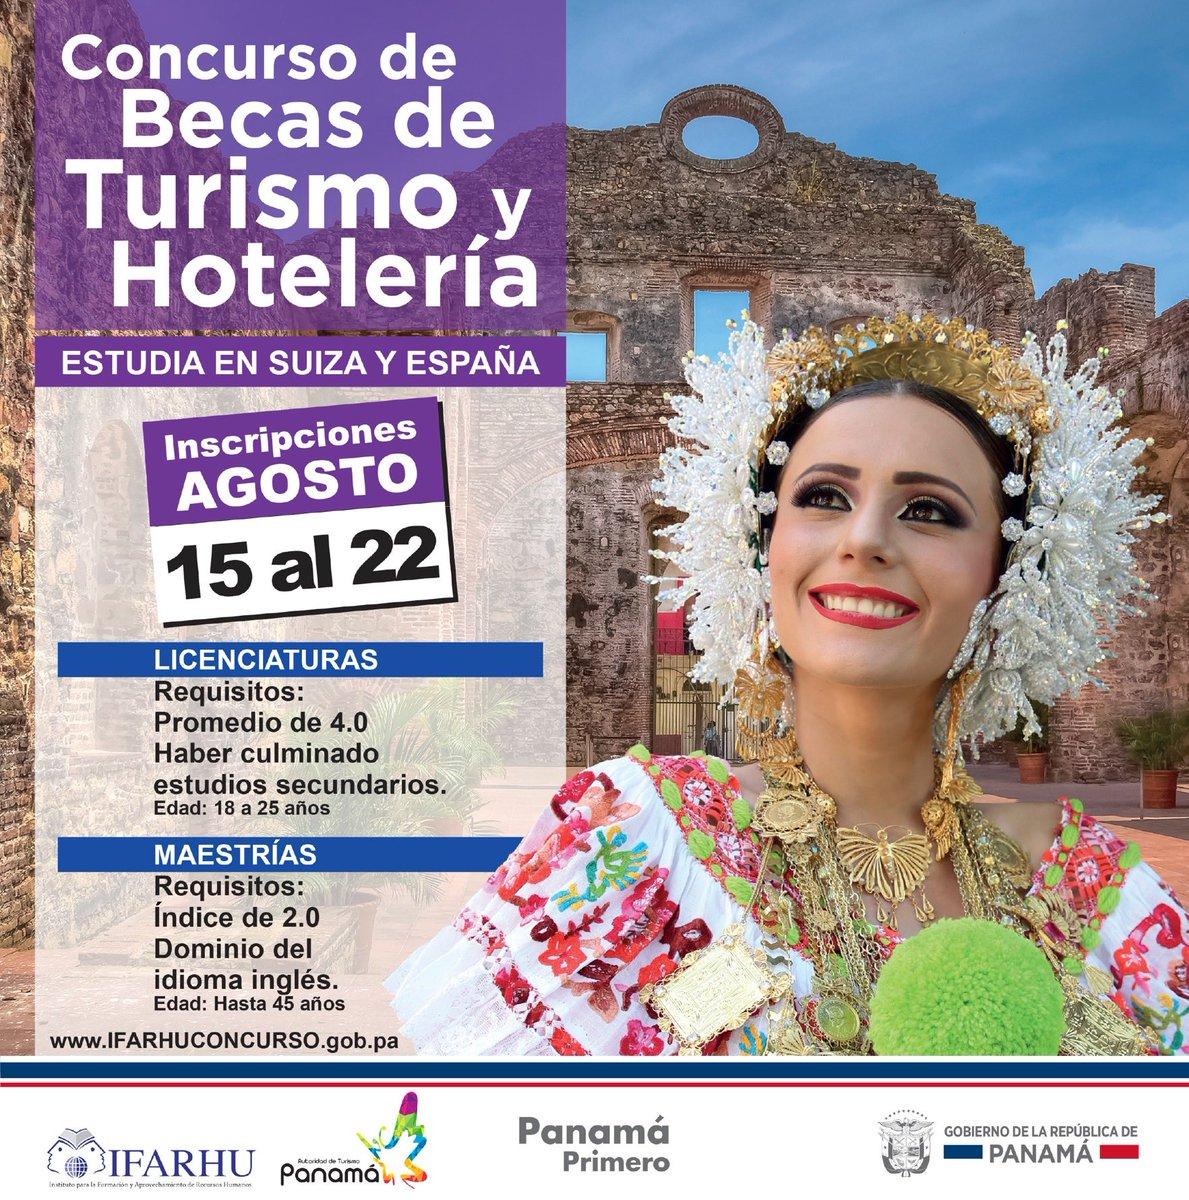 Becas Turismo y Hotelería